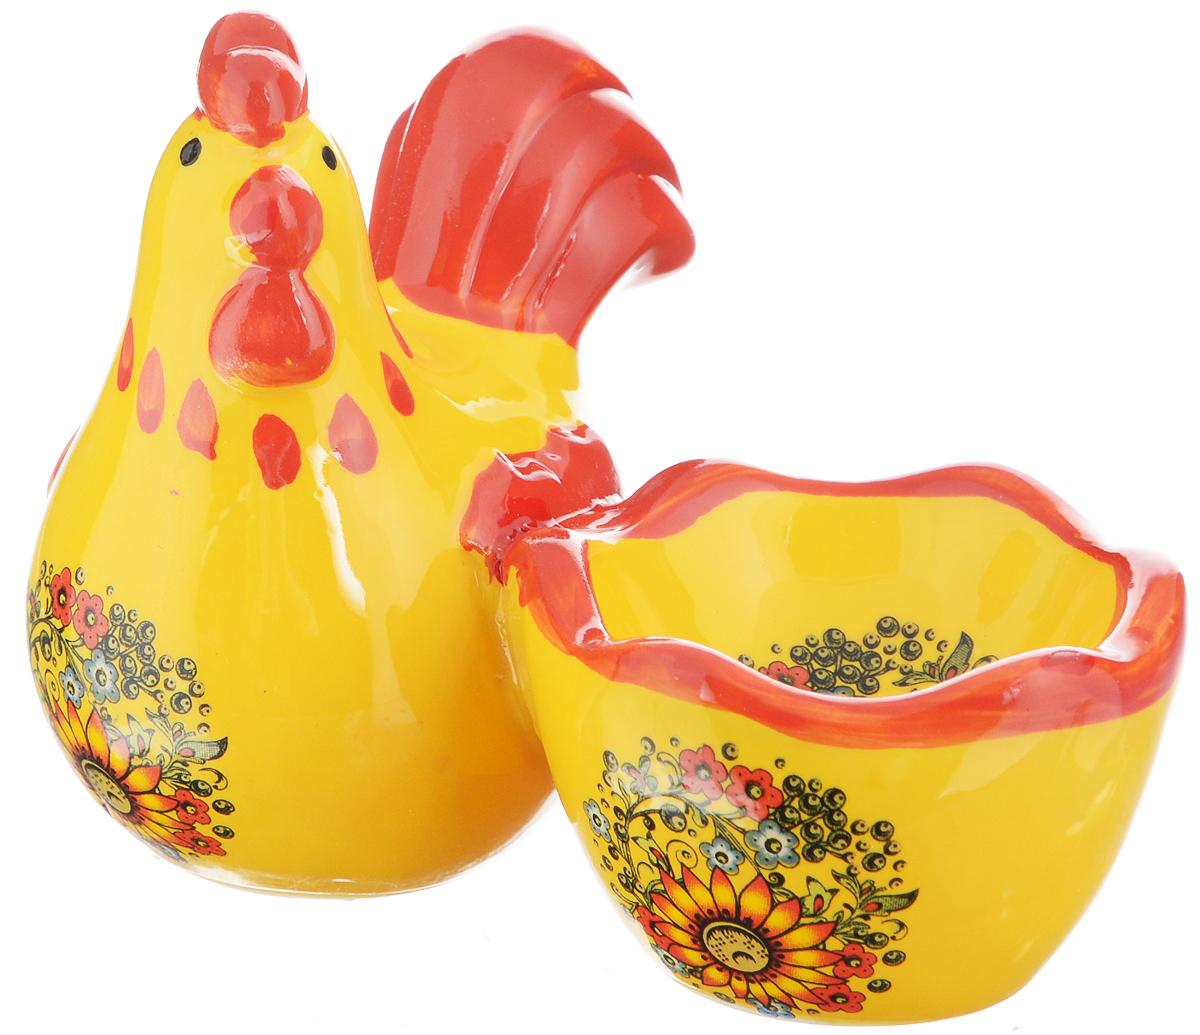 Подставка под яйцо Home Queen Узорная. 6425264252Подставка под яйцо Home Queen Узорная изготовлена из высококачественной глазурованной керамики, расписанной красивыми узорами. Изделие представляет собой фигурку курочки с подставкой для одного яйца. Такая подставка станет оригинальным украшением праздничного стола на Пасху и создаст особое настроение. Посуда не предназначена для использования в микроволновой печи и посудомоечной машине. Выдерживает температуру от -10° до +100°С. Не использовать в морозильной камере. Диаметр выемки для яйца: 5 см.